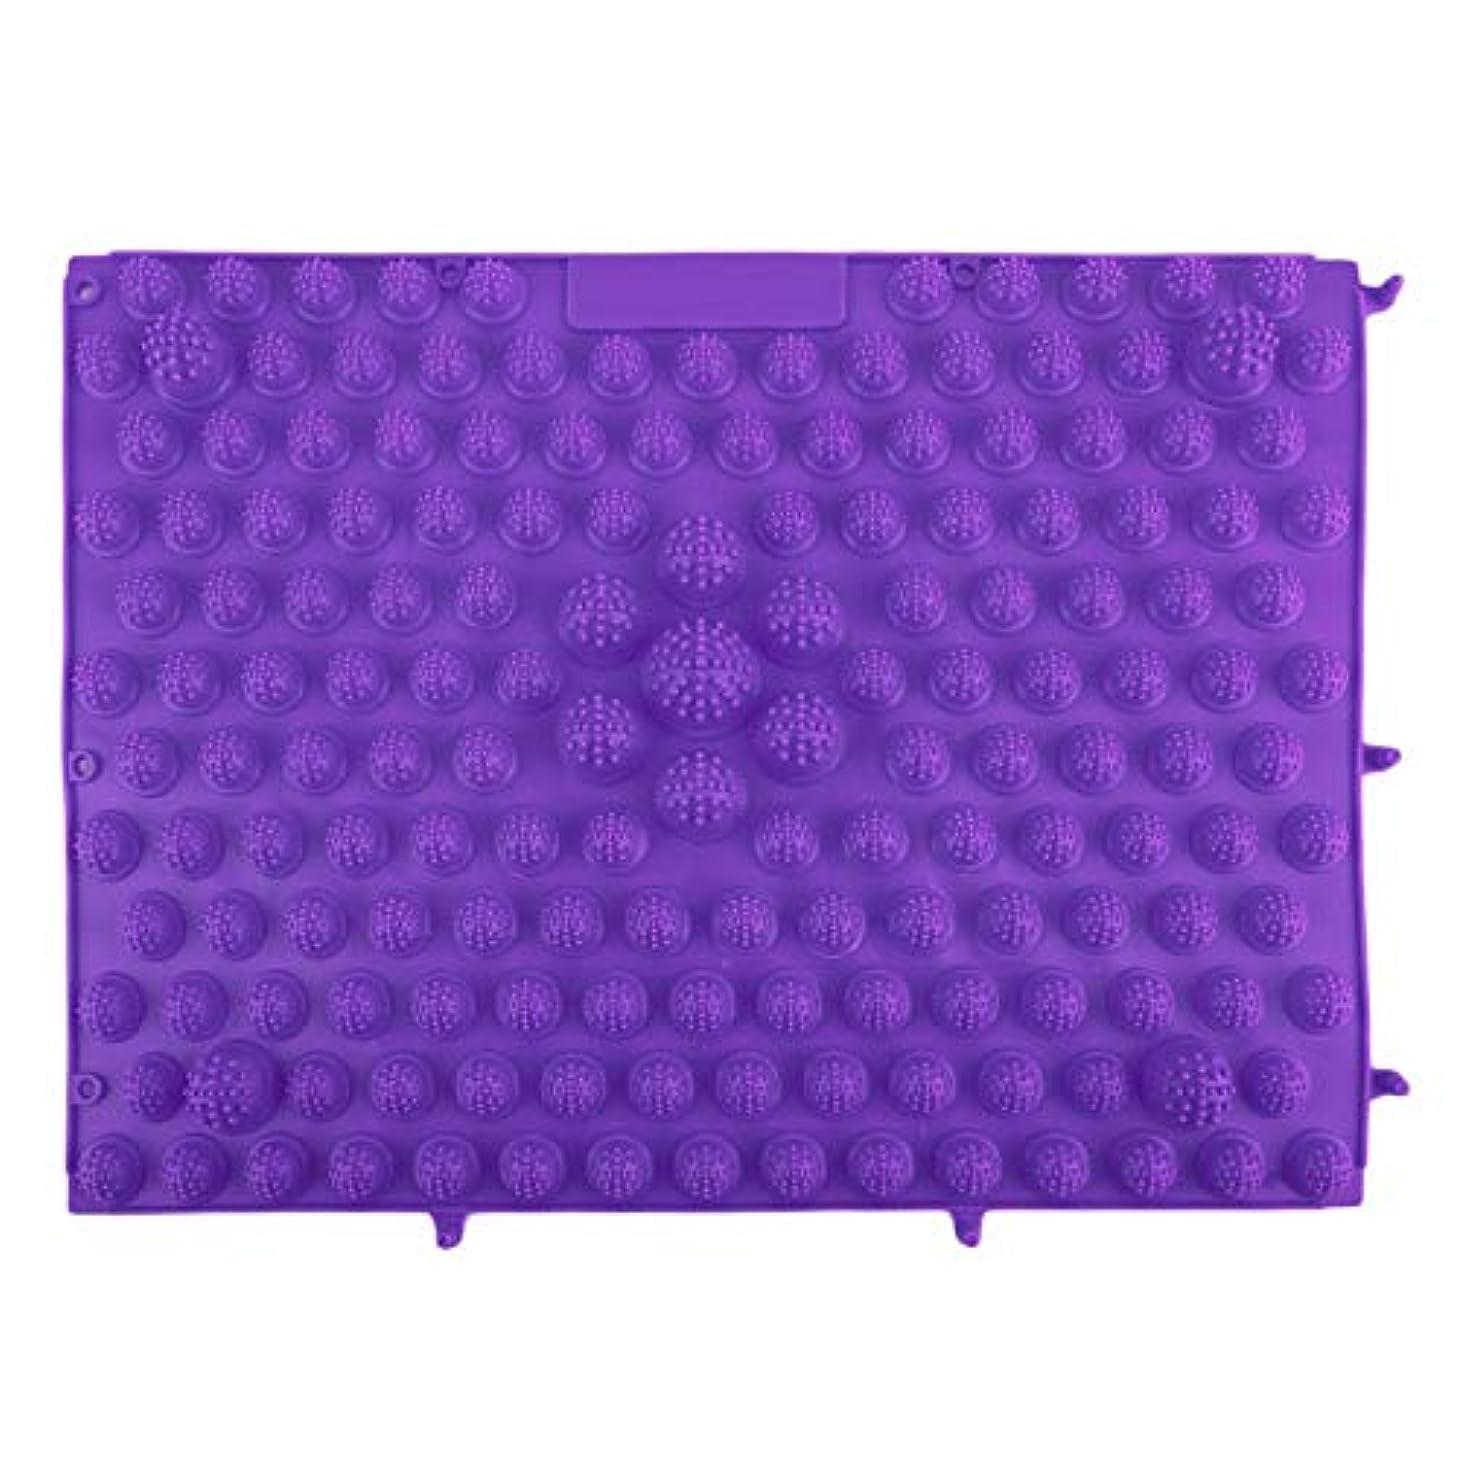 後世スーパーマーケット上回る韓国風フットマッサージパッドTPEモダン指圧リフレクソロジーマット鍼灸敷物疲労緩和促進循環 - 紫色